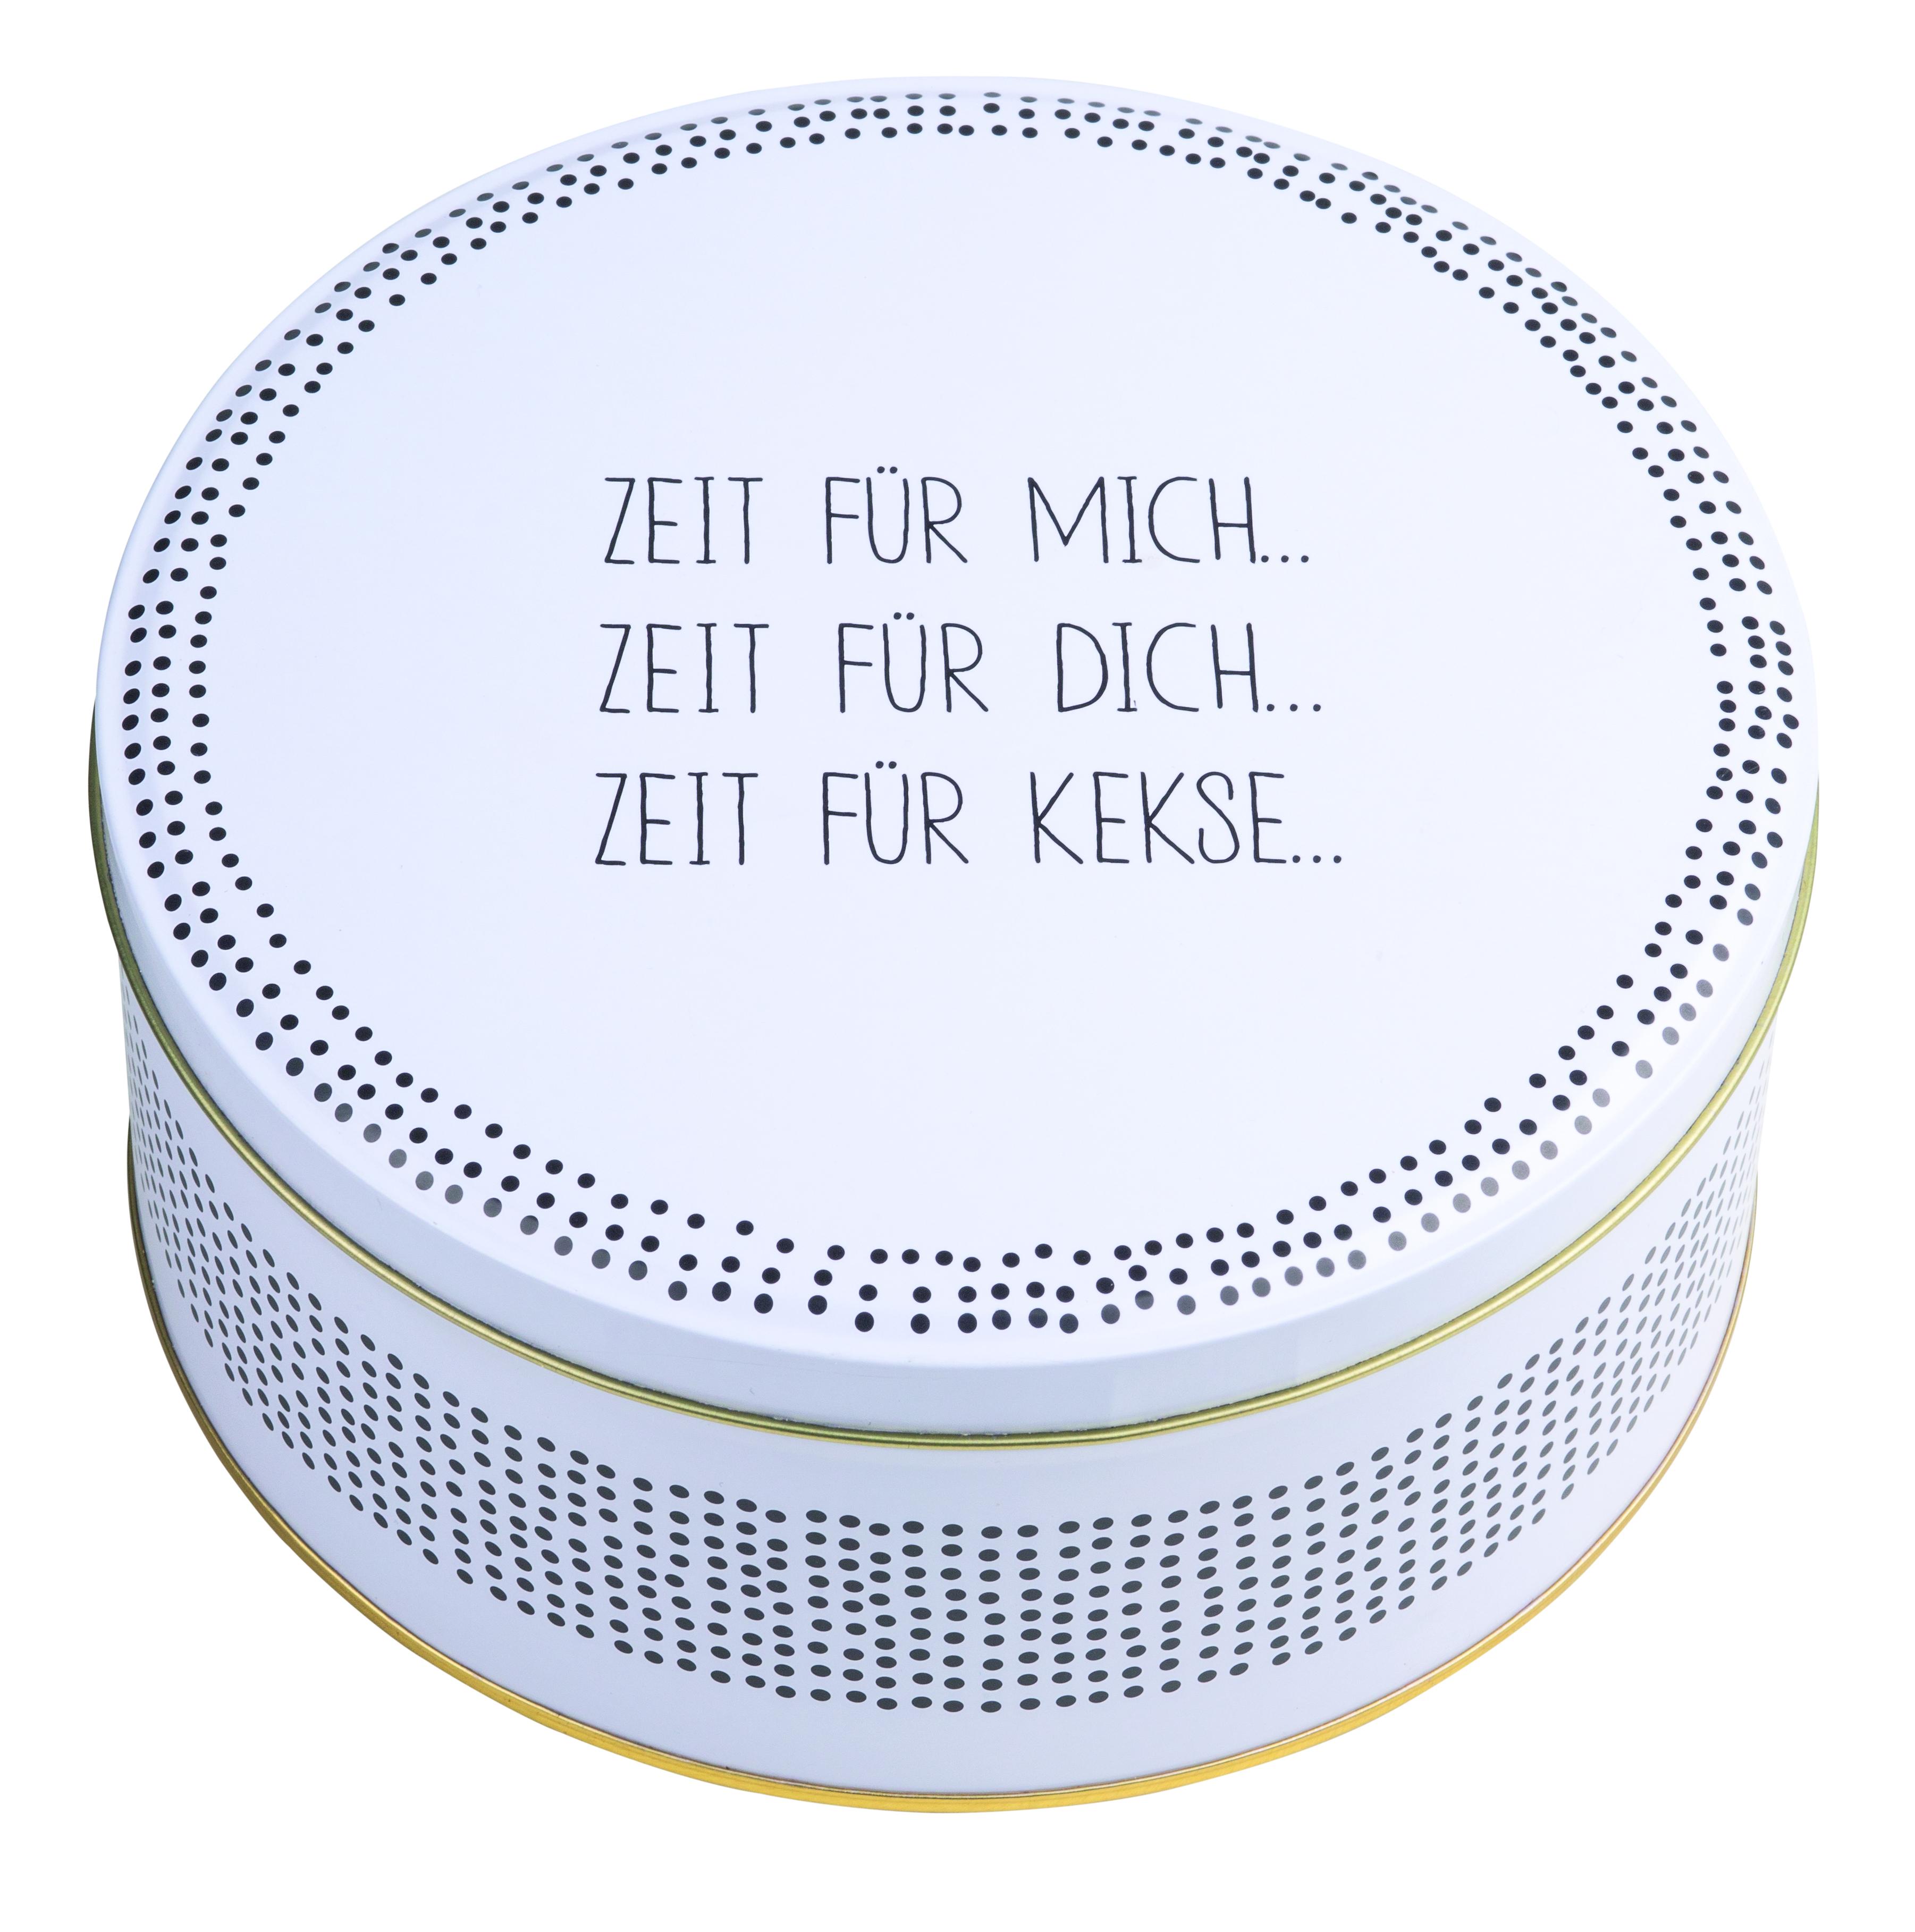 Nützlichküchenaccessoires - Keksdose Zeit für mich... weiß schwarz räder - Onlineshop Tante Emmer